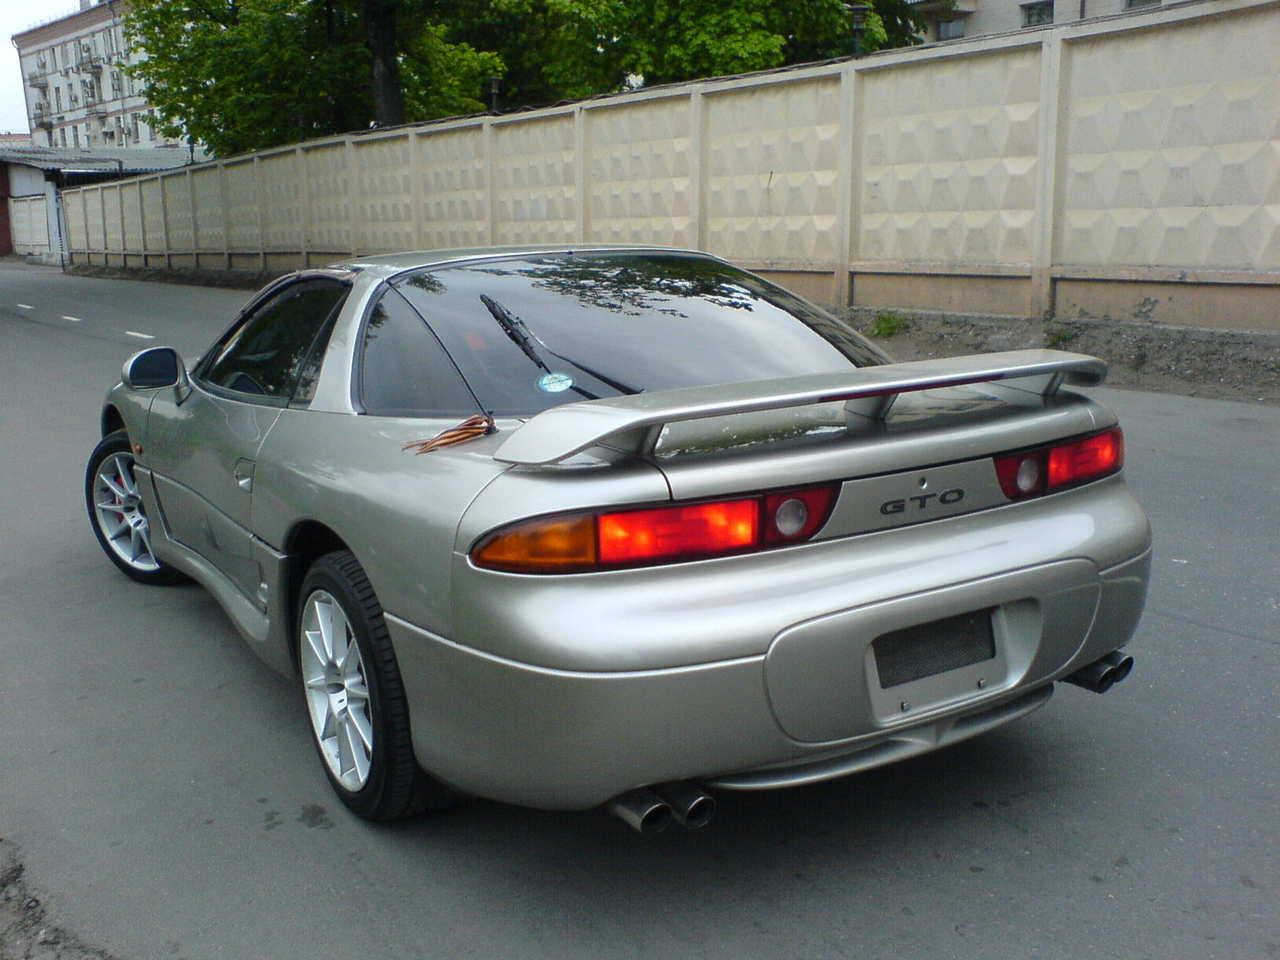 1998 Mitsubishi GTO Pictures, 3.0l., Gasoline, Automatic For Sale